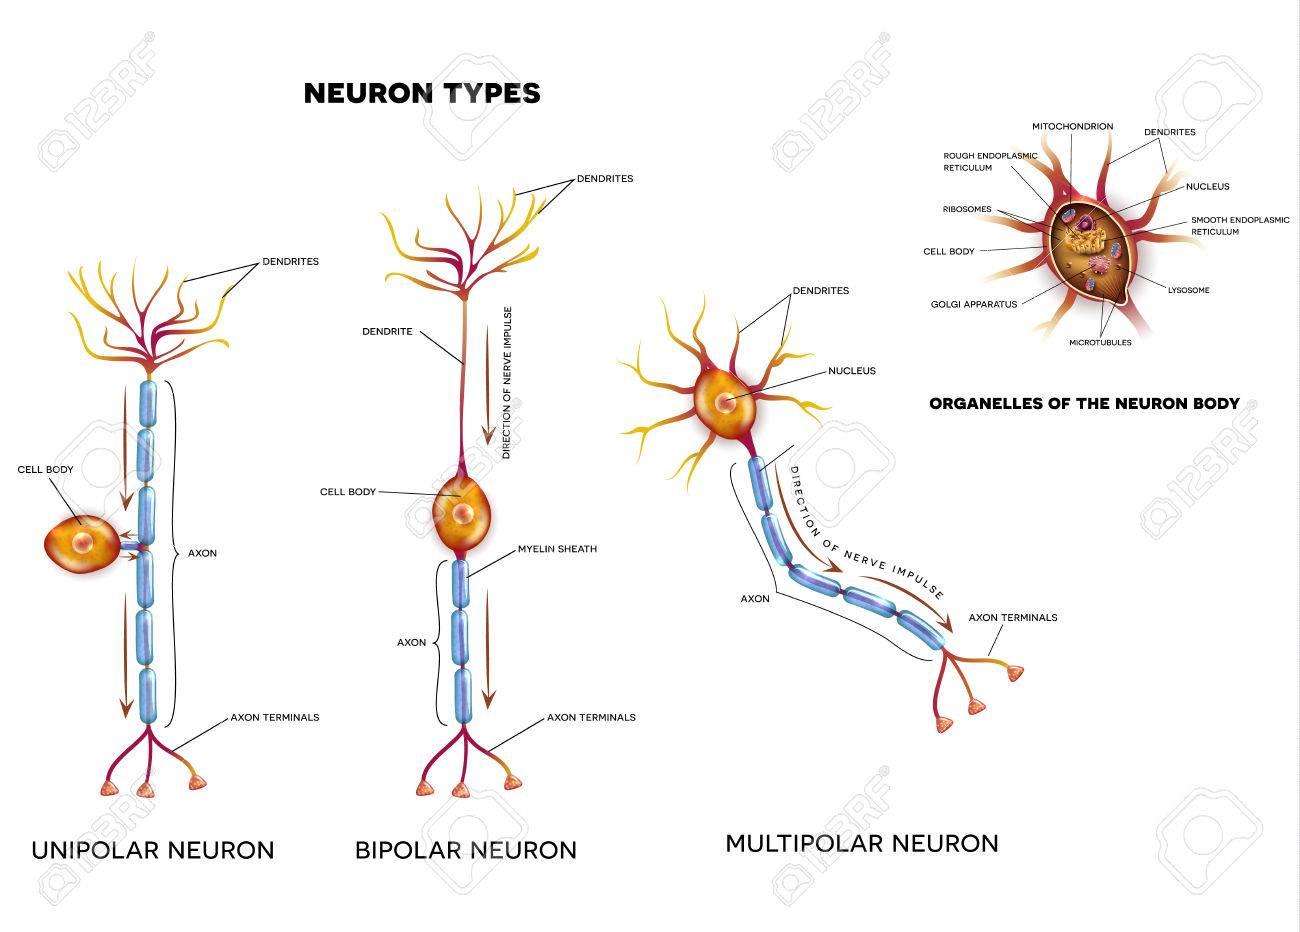 Los Tipos De Células Nerviosas Y Orgánulos Del Cuerpo De La Célula ...